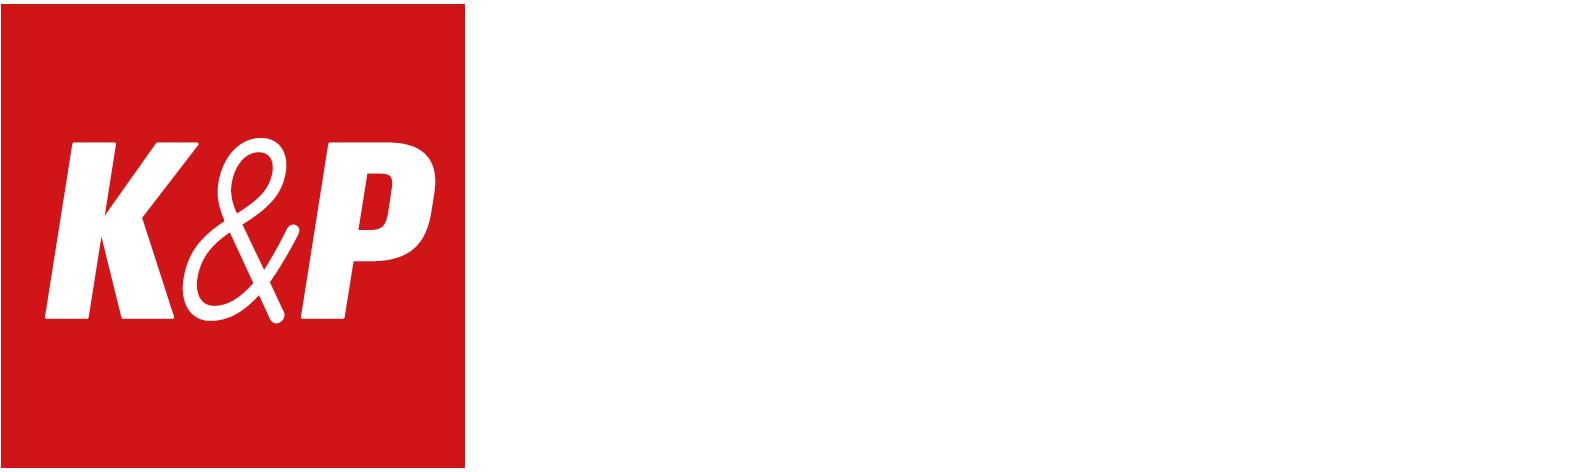 Kobler & Partner | Neue Welten entdecken.